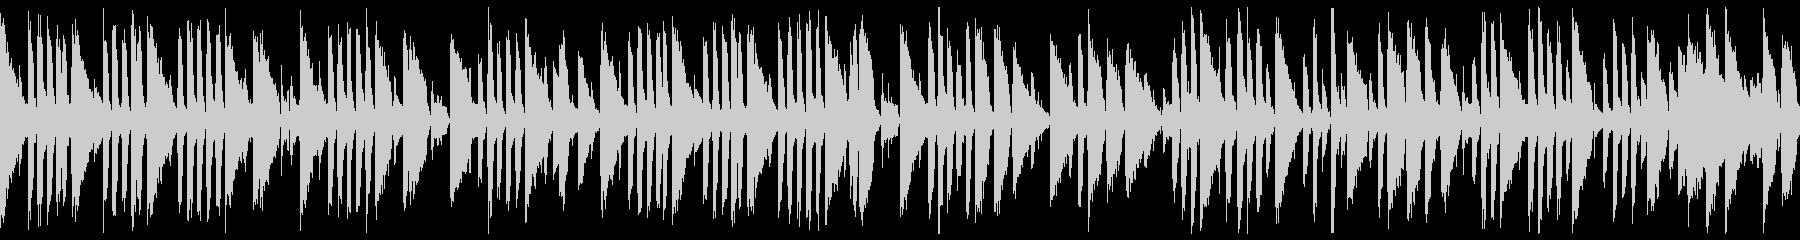 Jazz Piano - Rain, melancholy, dark (loop)'s unreproduced waveform